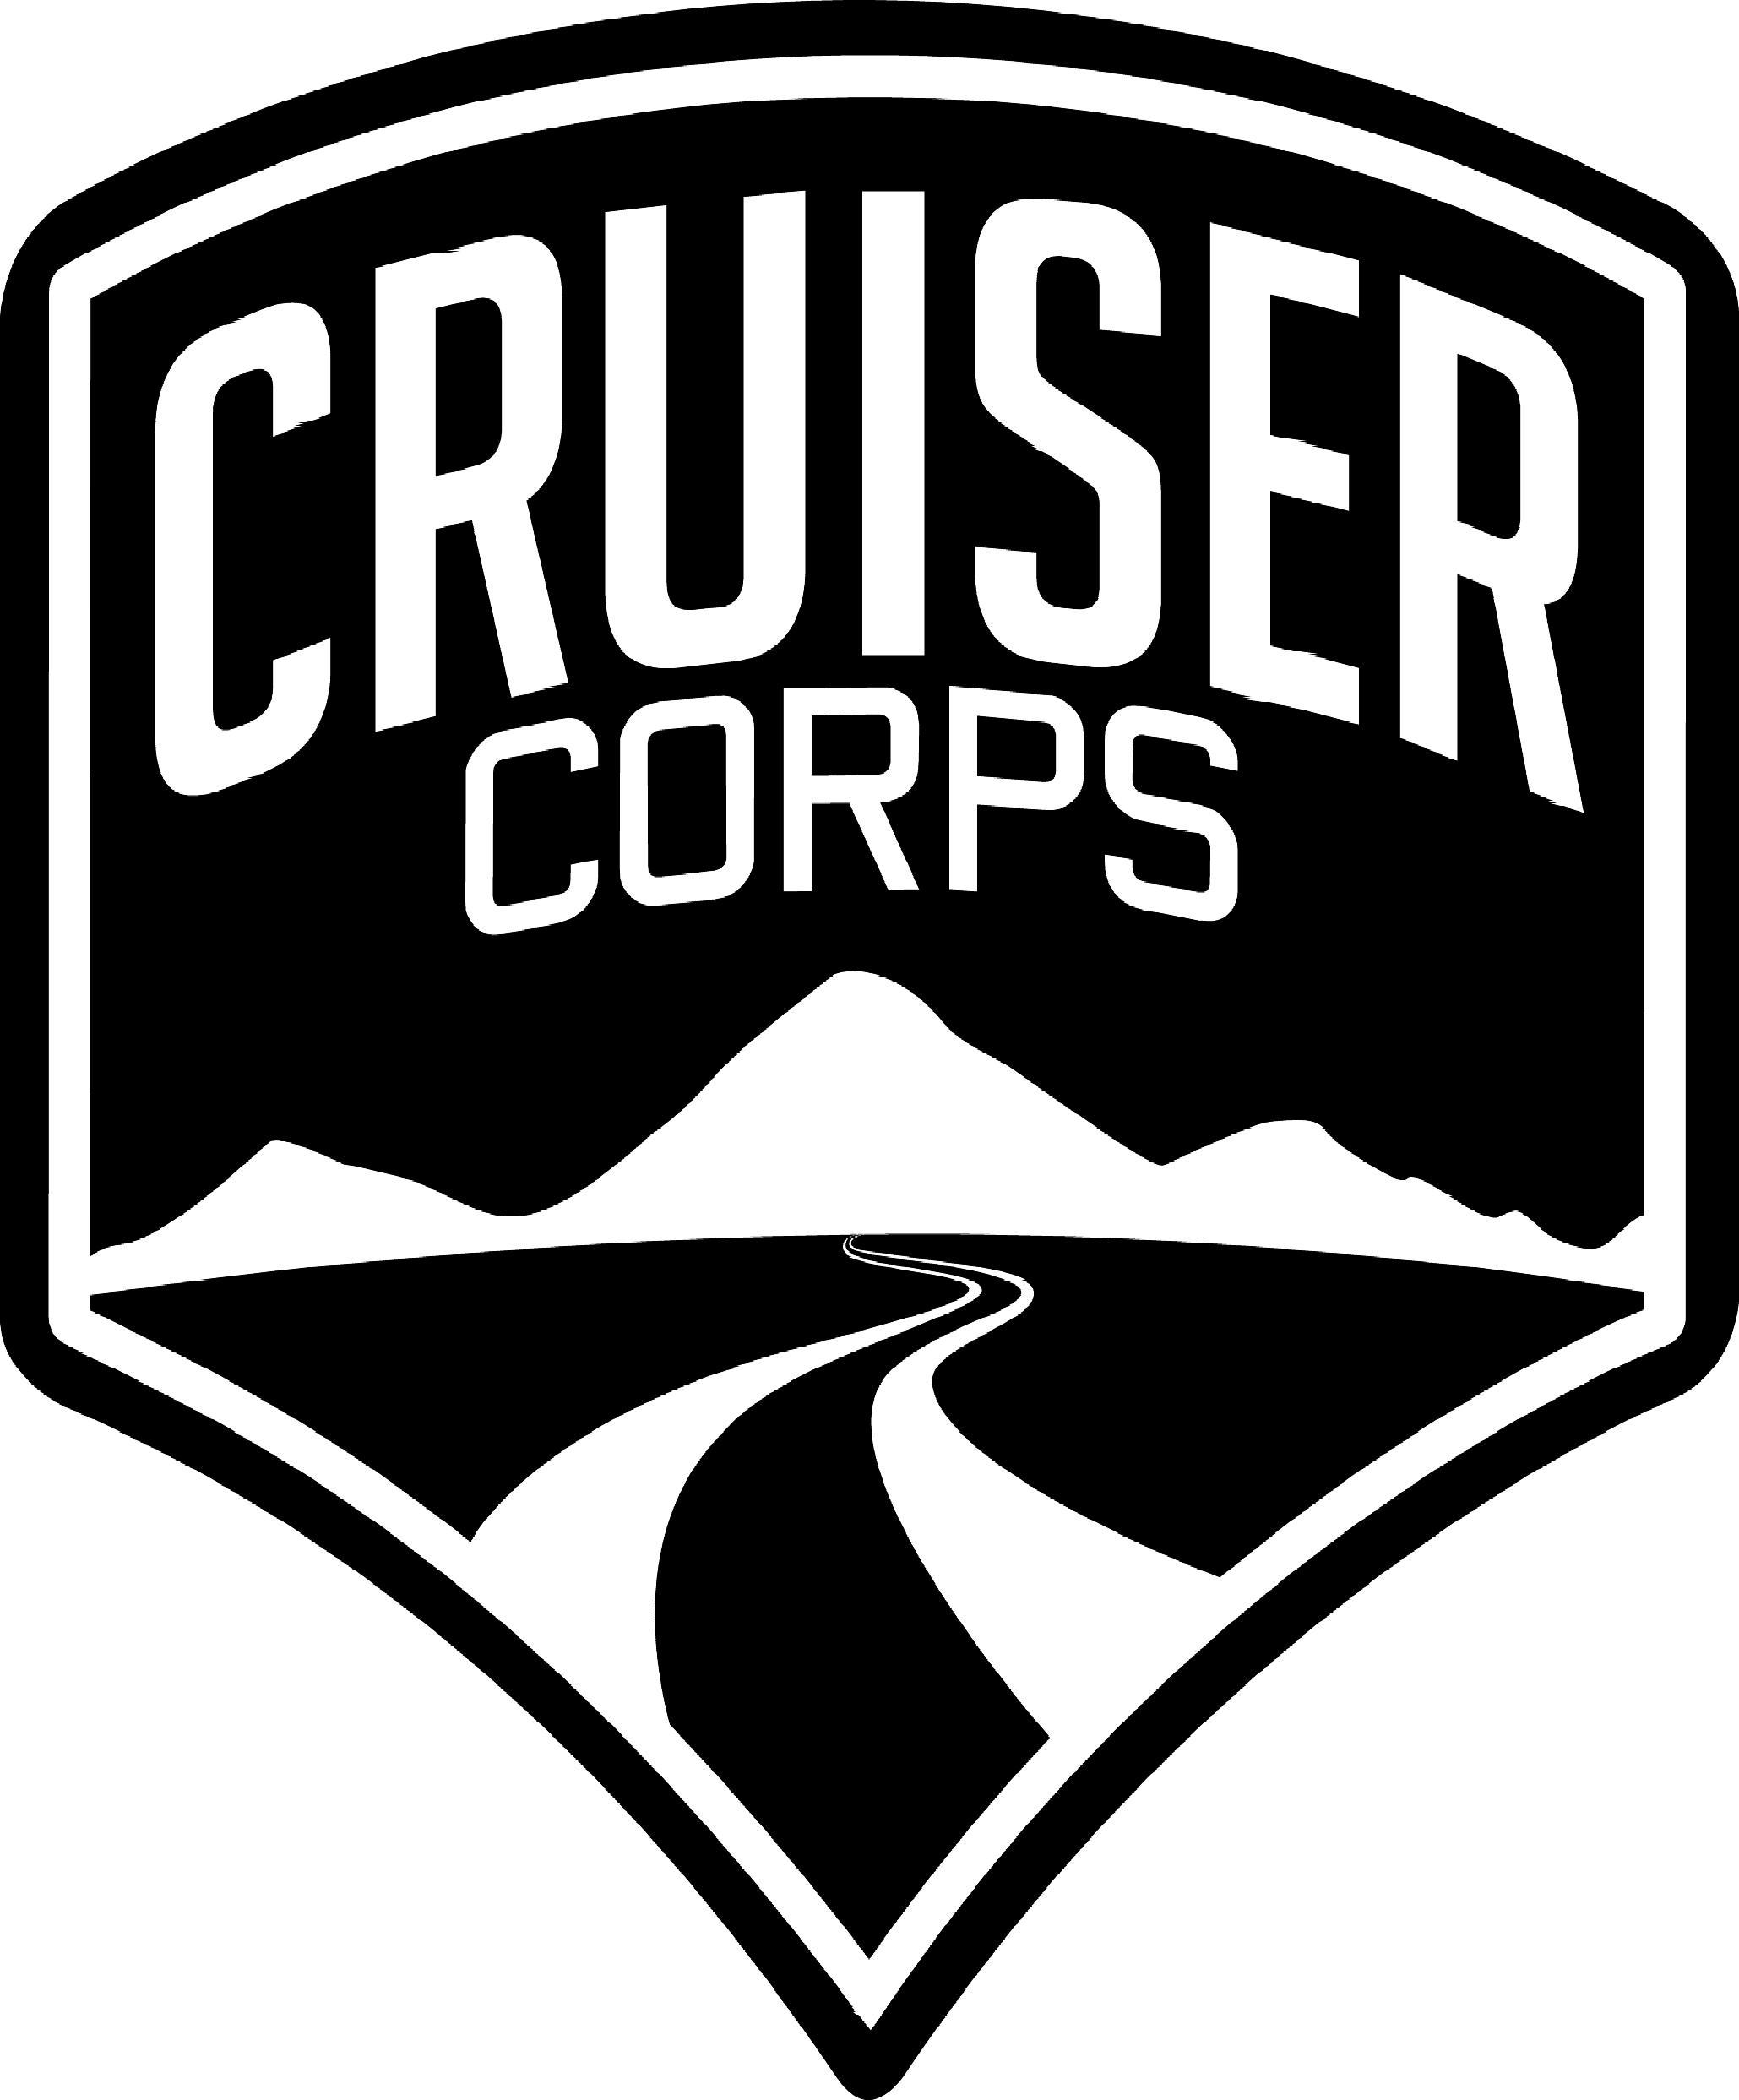 Cruiser Corps | TLCA